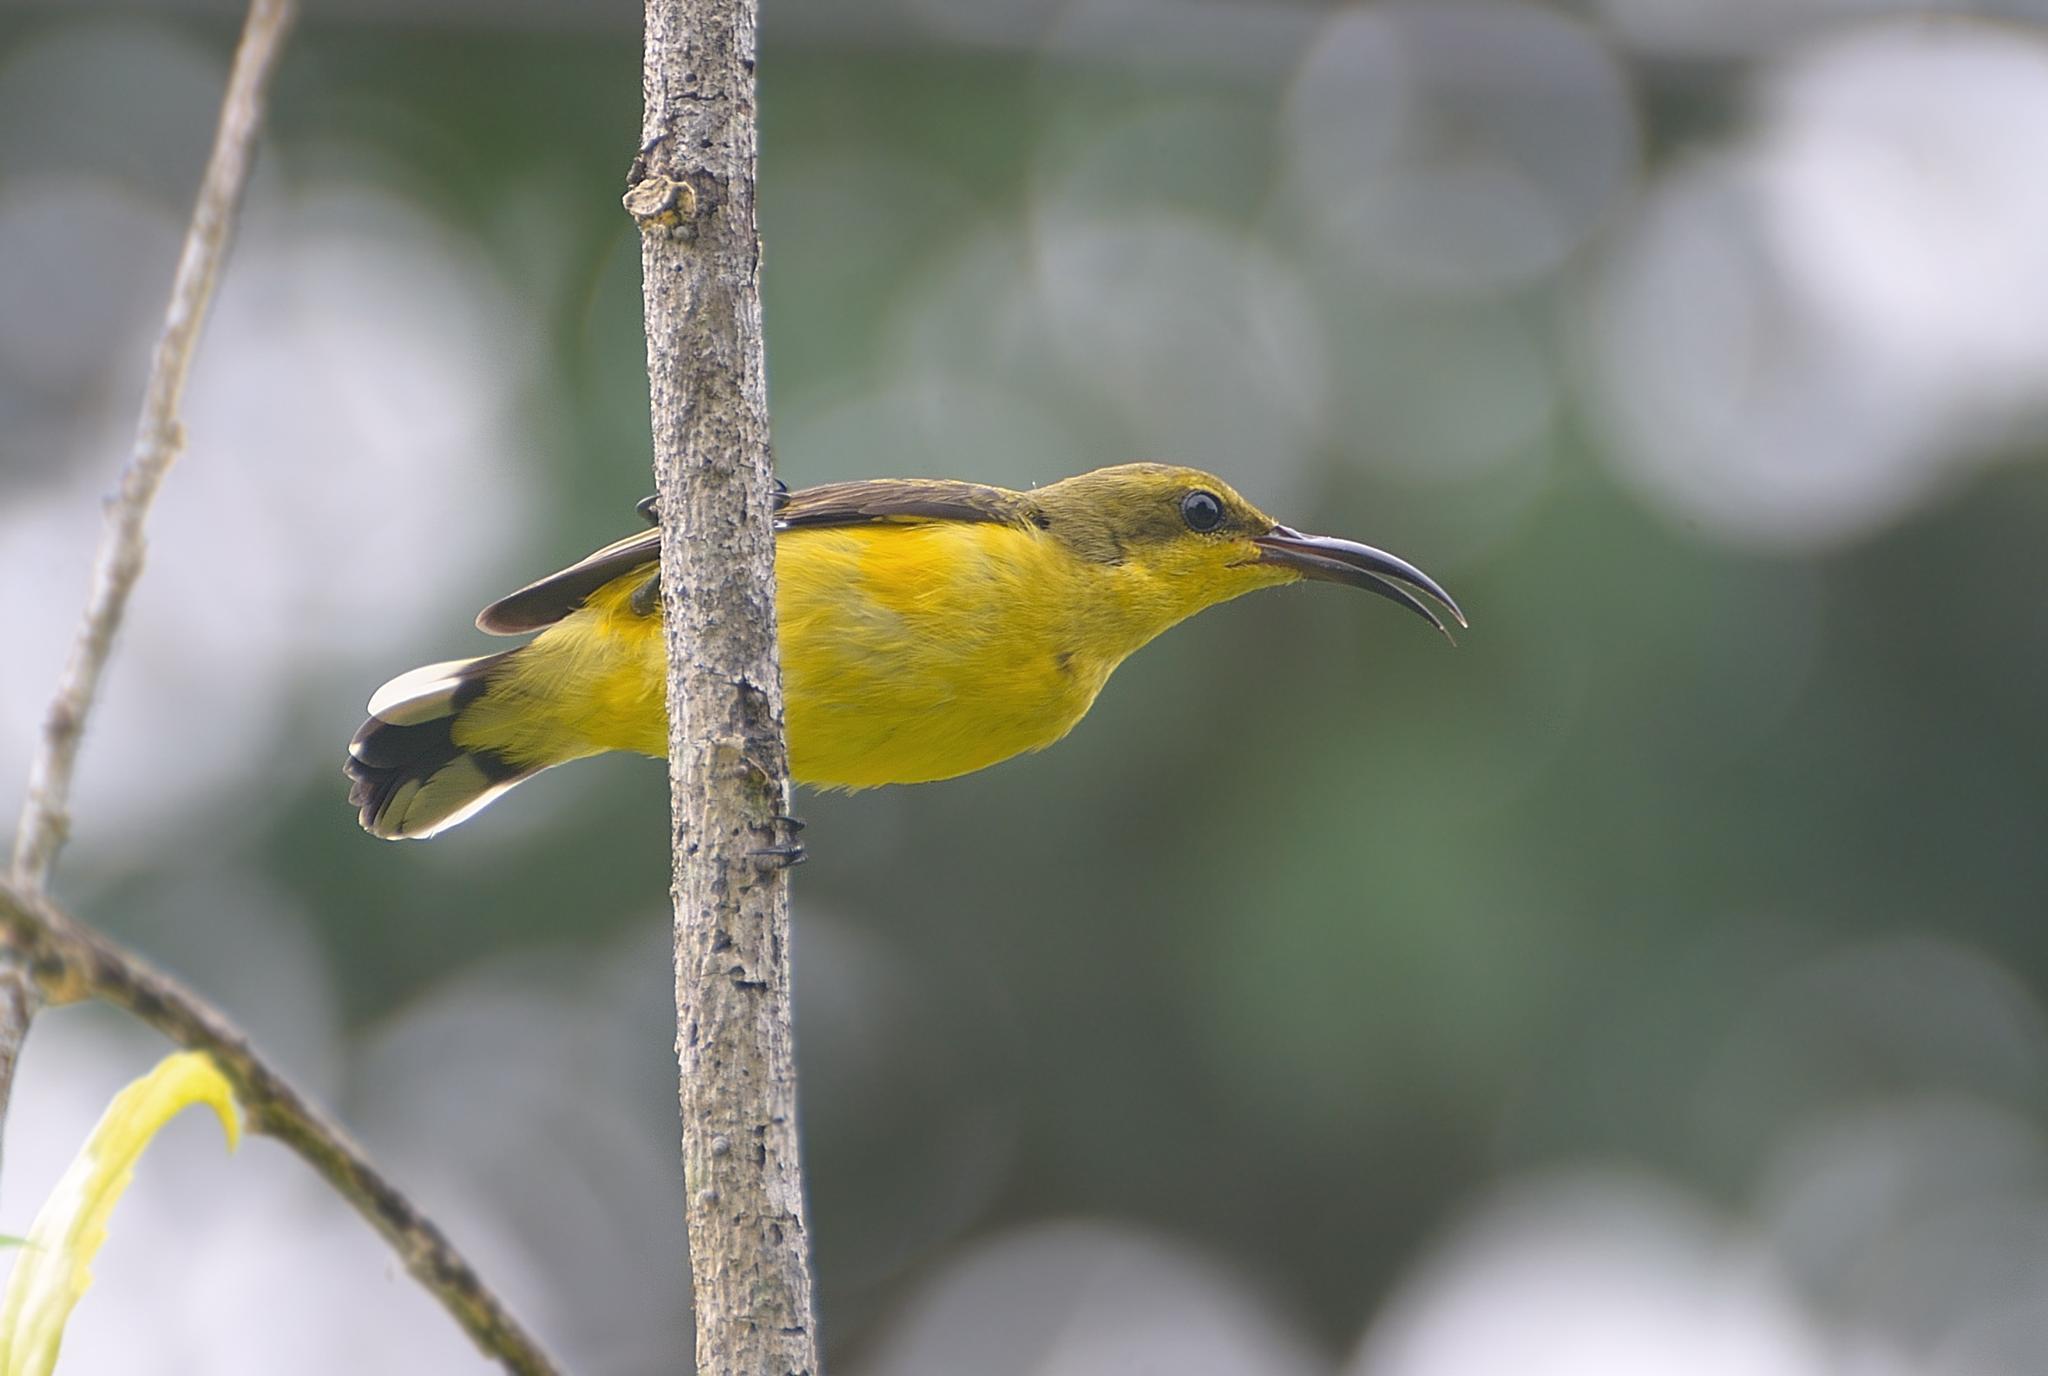 Sunbird by djerrybansaleng